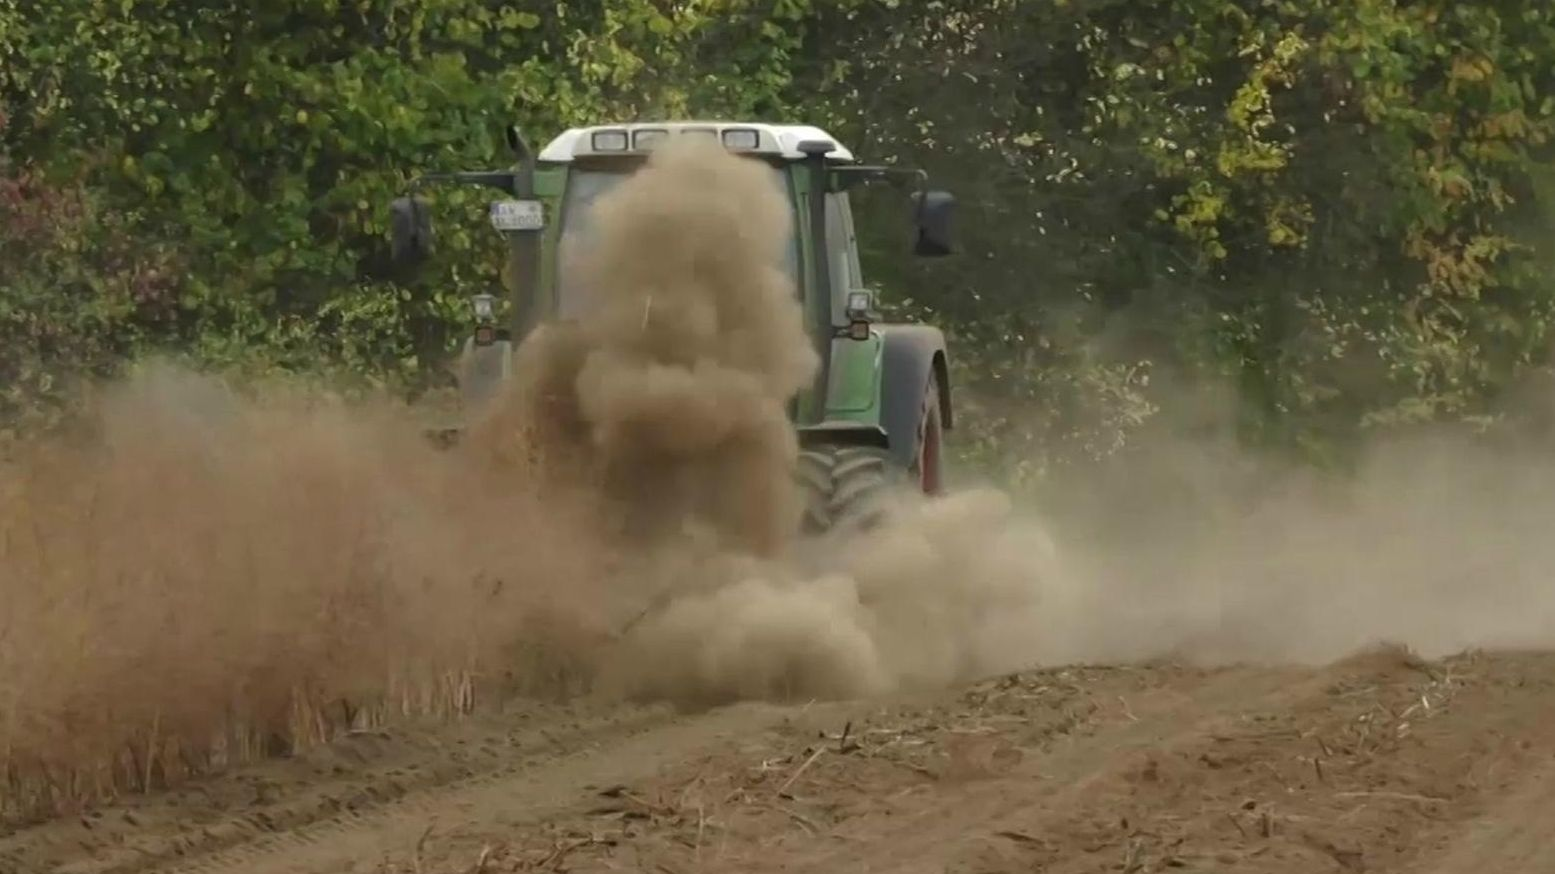 Ein Traktor fährt über ein Feld und wirbelt Staub auf